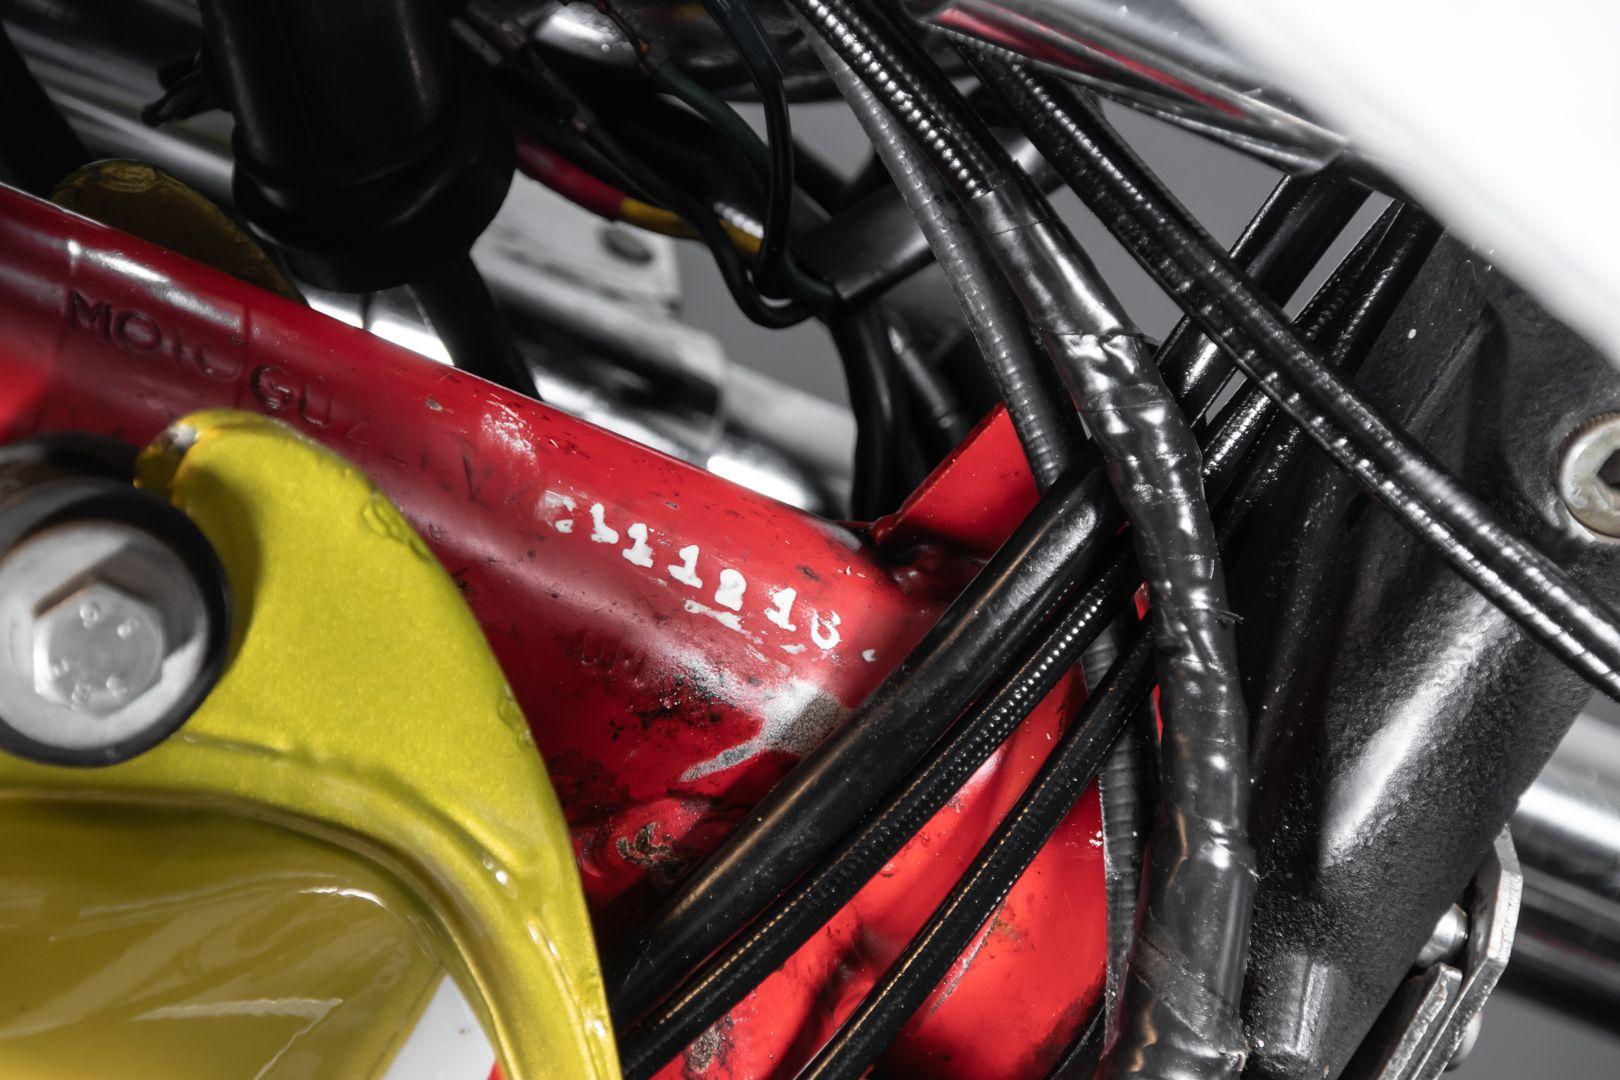 1972 Moto Guzzi V7 Sport Telaio Rosso 76537